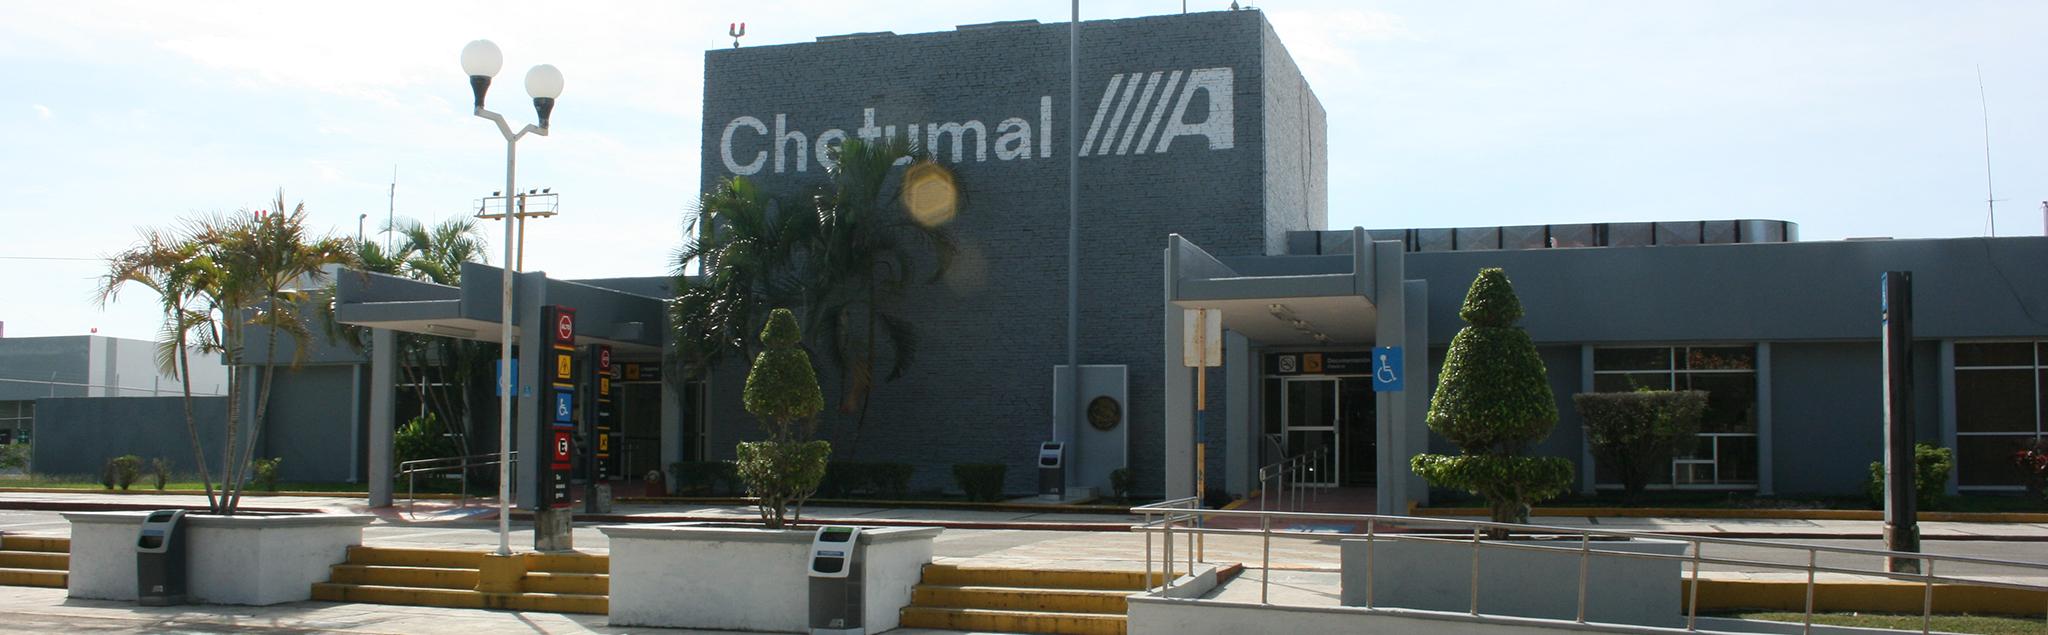 Se modernizará y ampliará el Aeropuerto Internacional de Chetumal